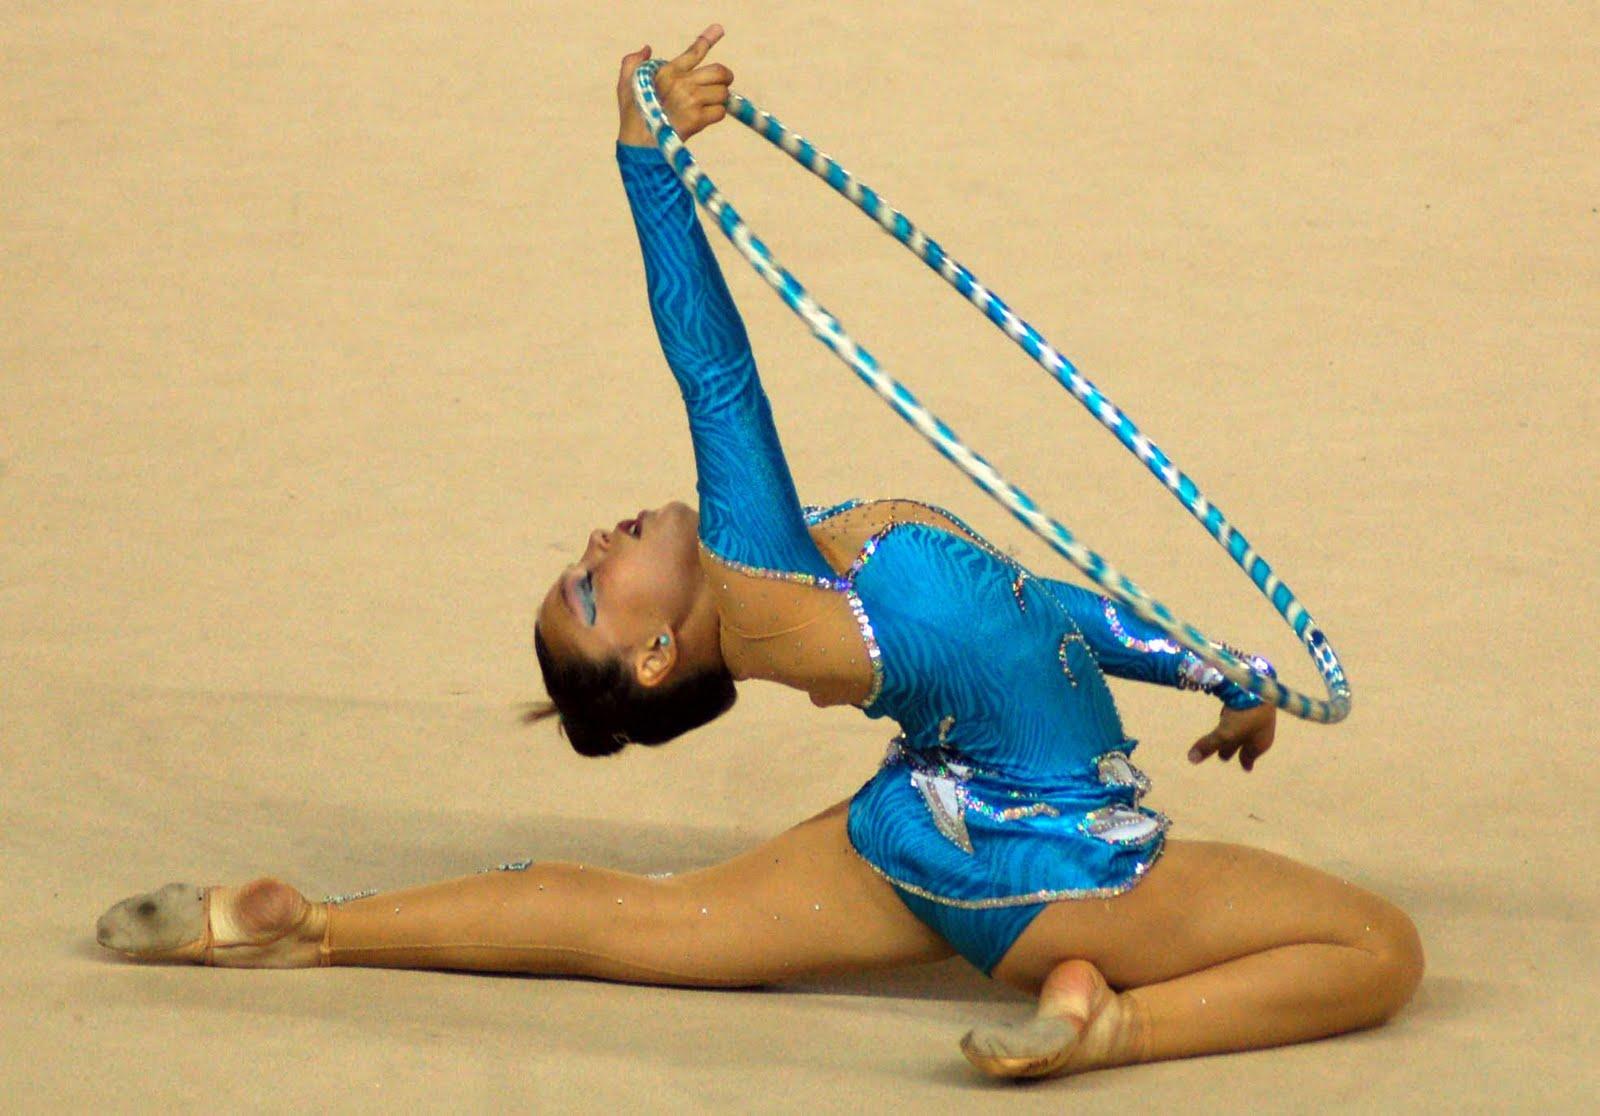 Club gimnasia r tmica armon a san andr s resultados iv for Gimnasia gimnasia